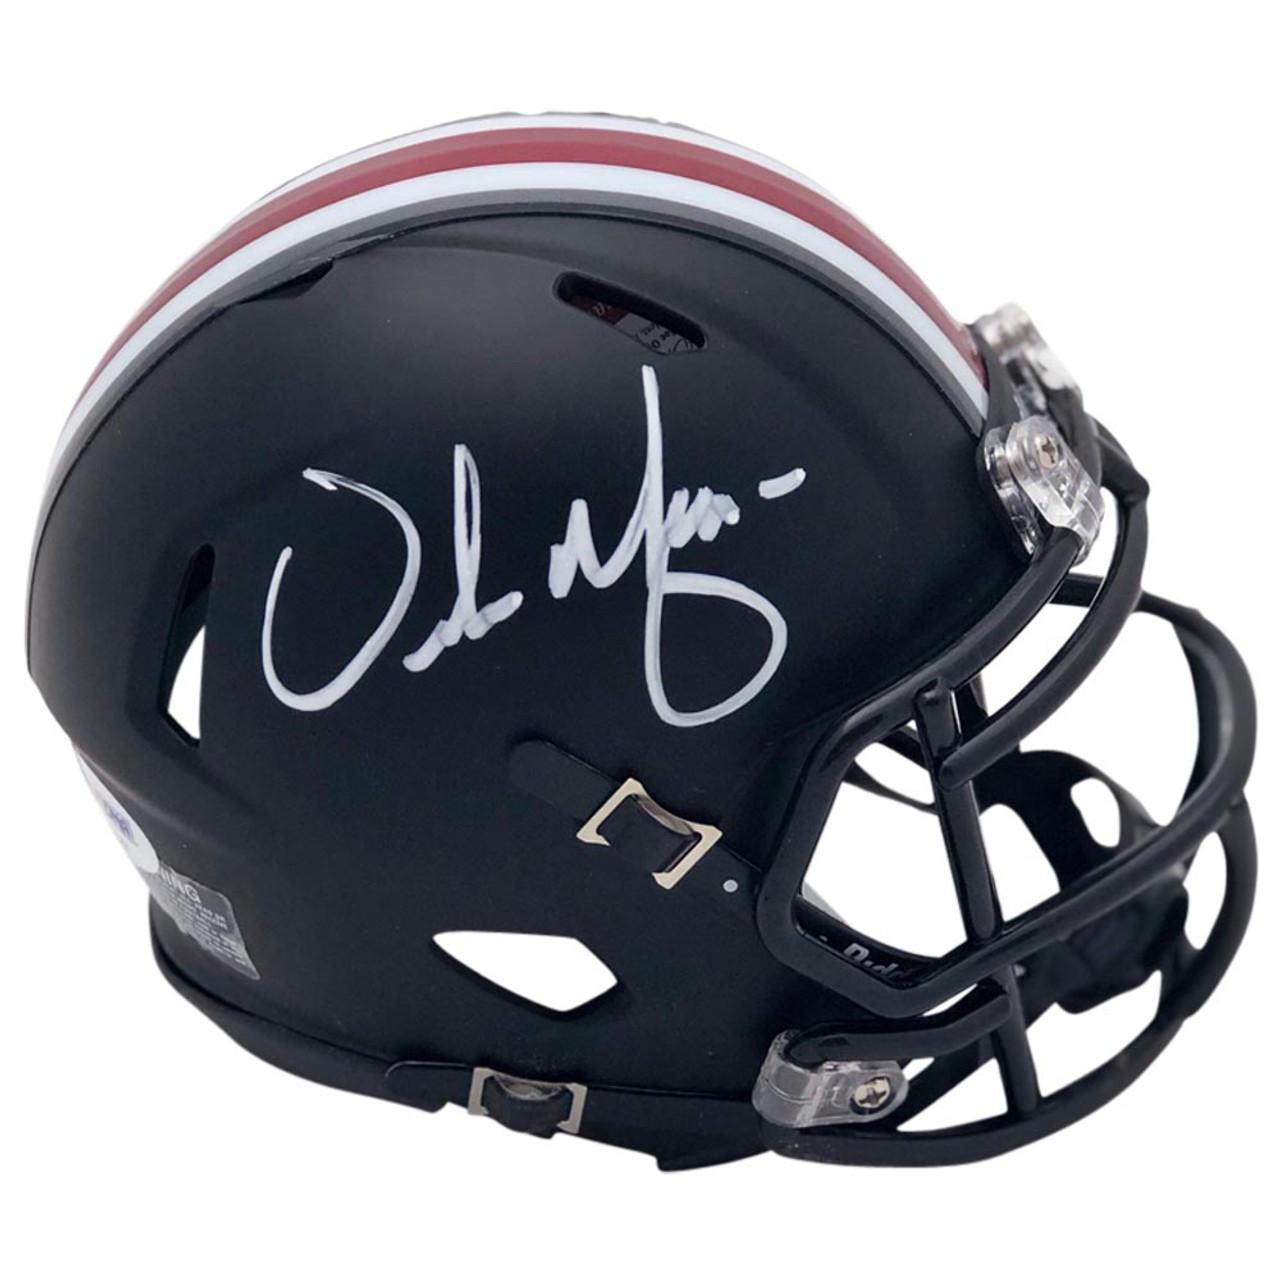 Urban Meyer Ohio State Buckeyes Autographed Black Mini Helmet - Meyer COA